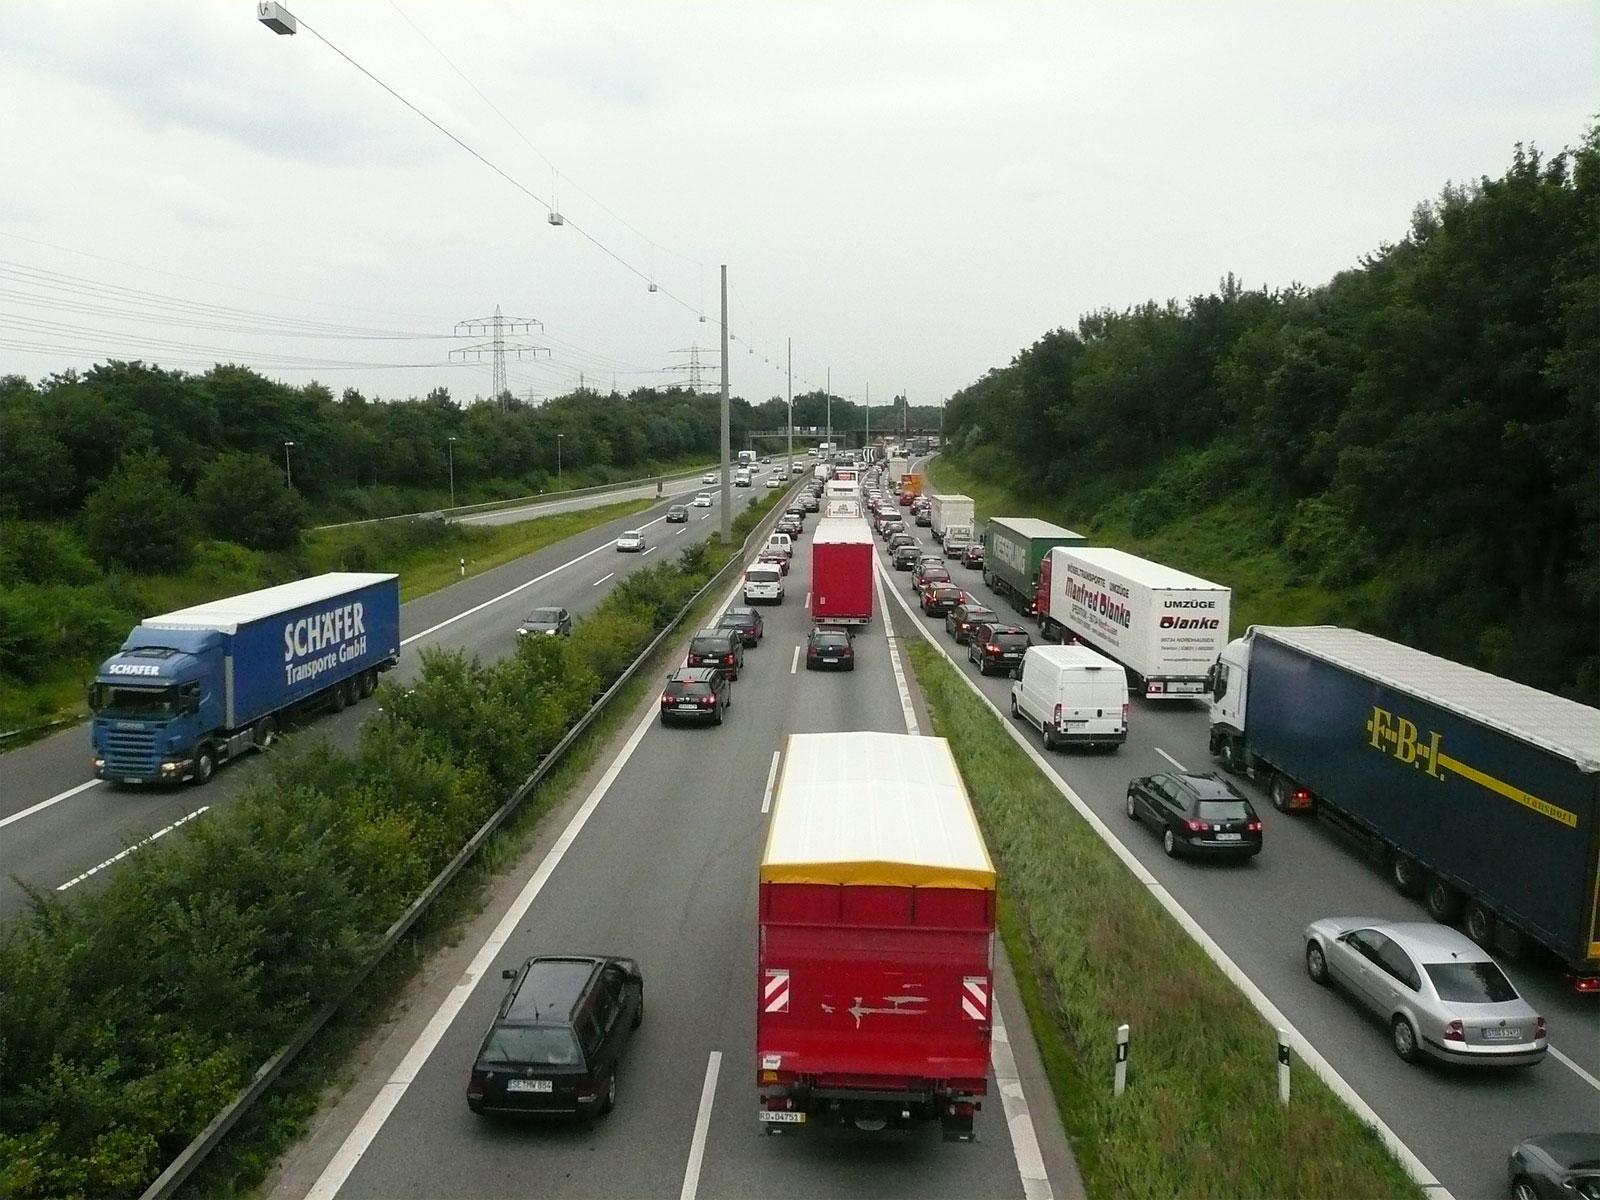 Travaux à Frisange : perturbations à prévoir sur les axes routiers des frontaliers